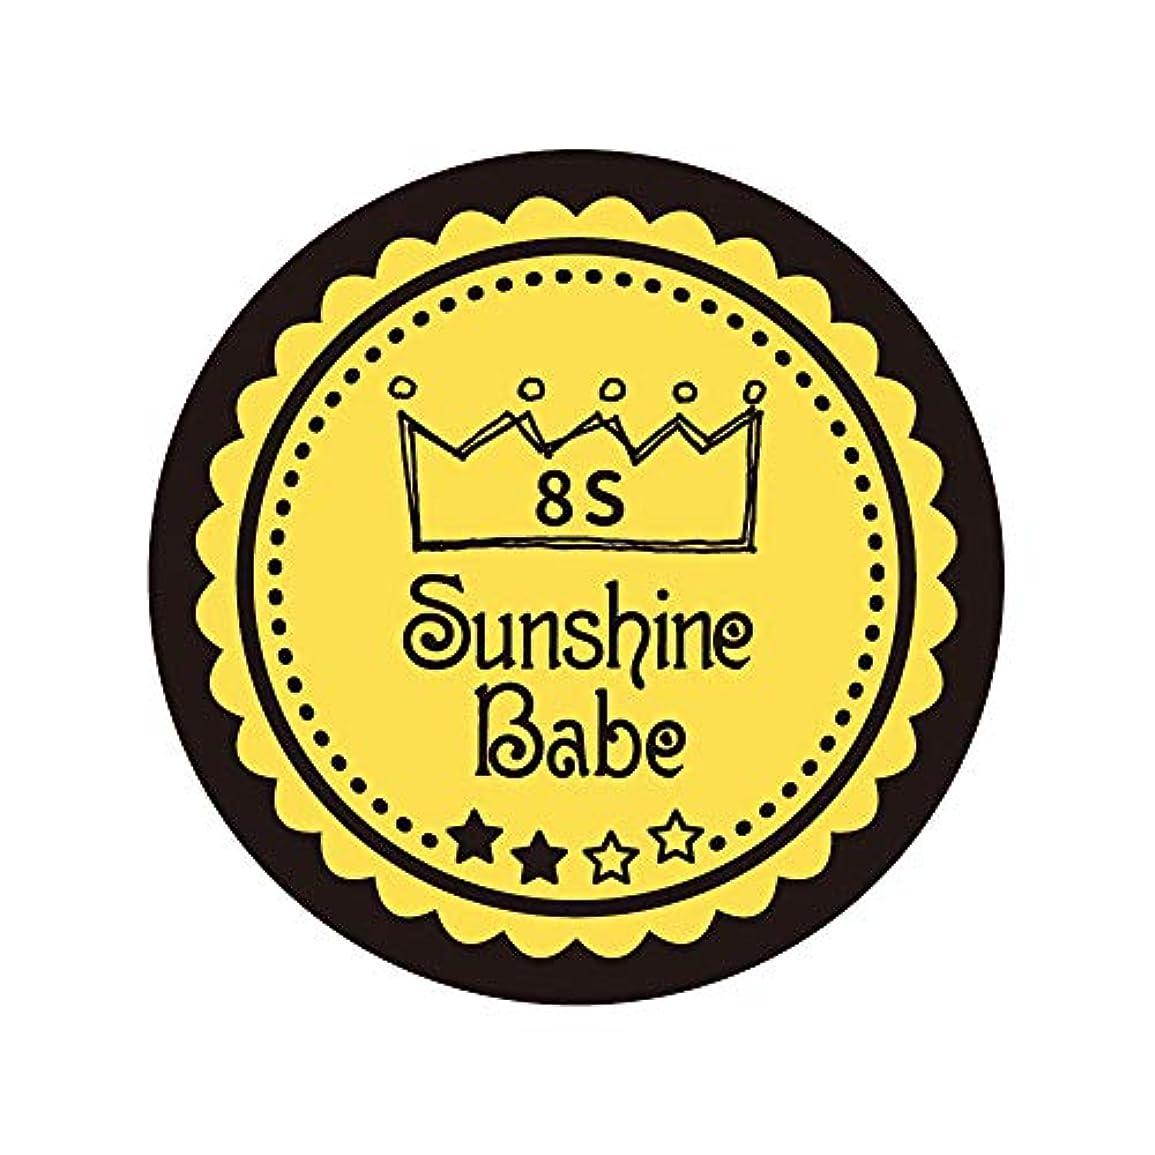 センブランスソファーポゴスティックジャンプSunshine Babe カラージェル 8S メドウラーク 2.7g UV/LED対応